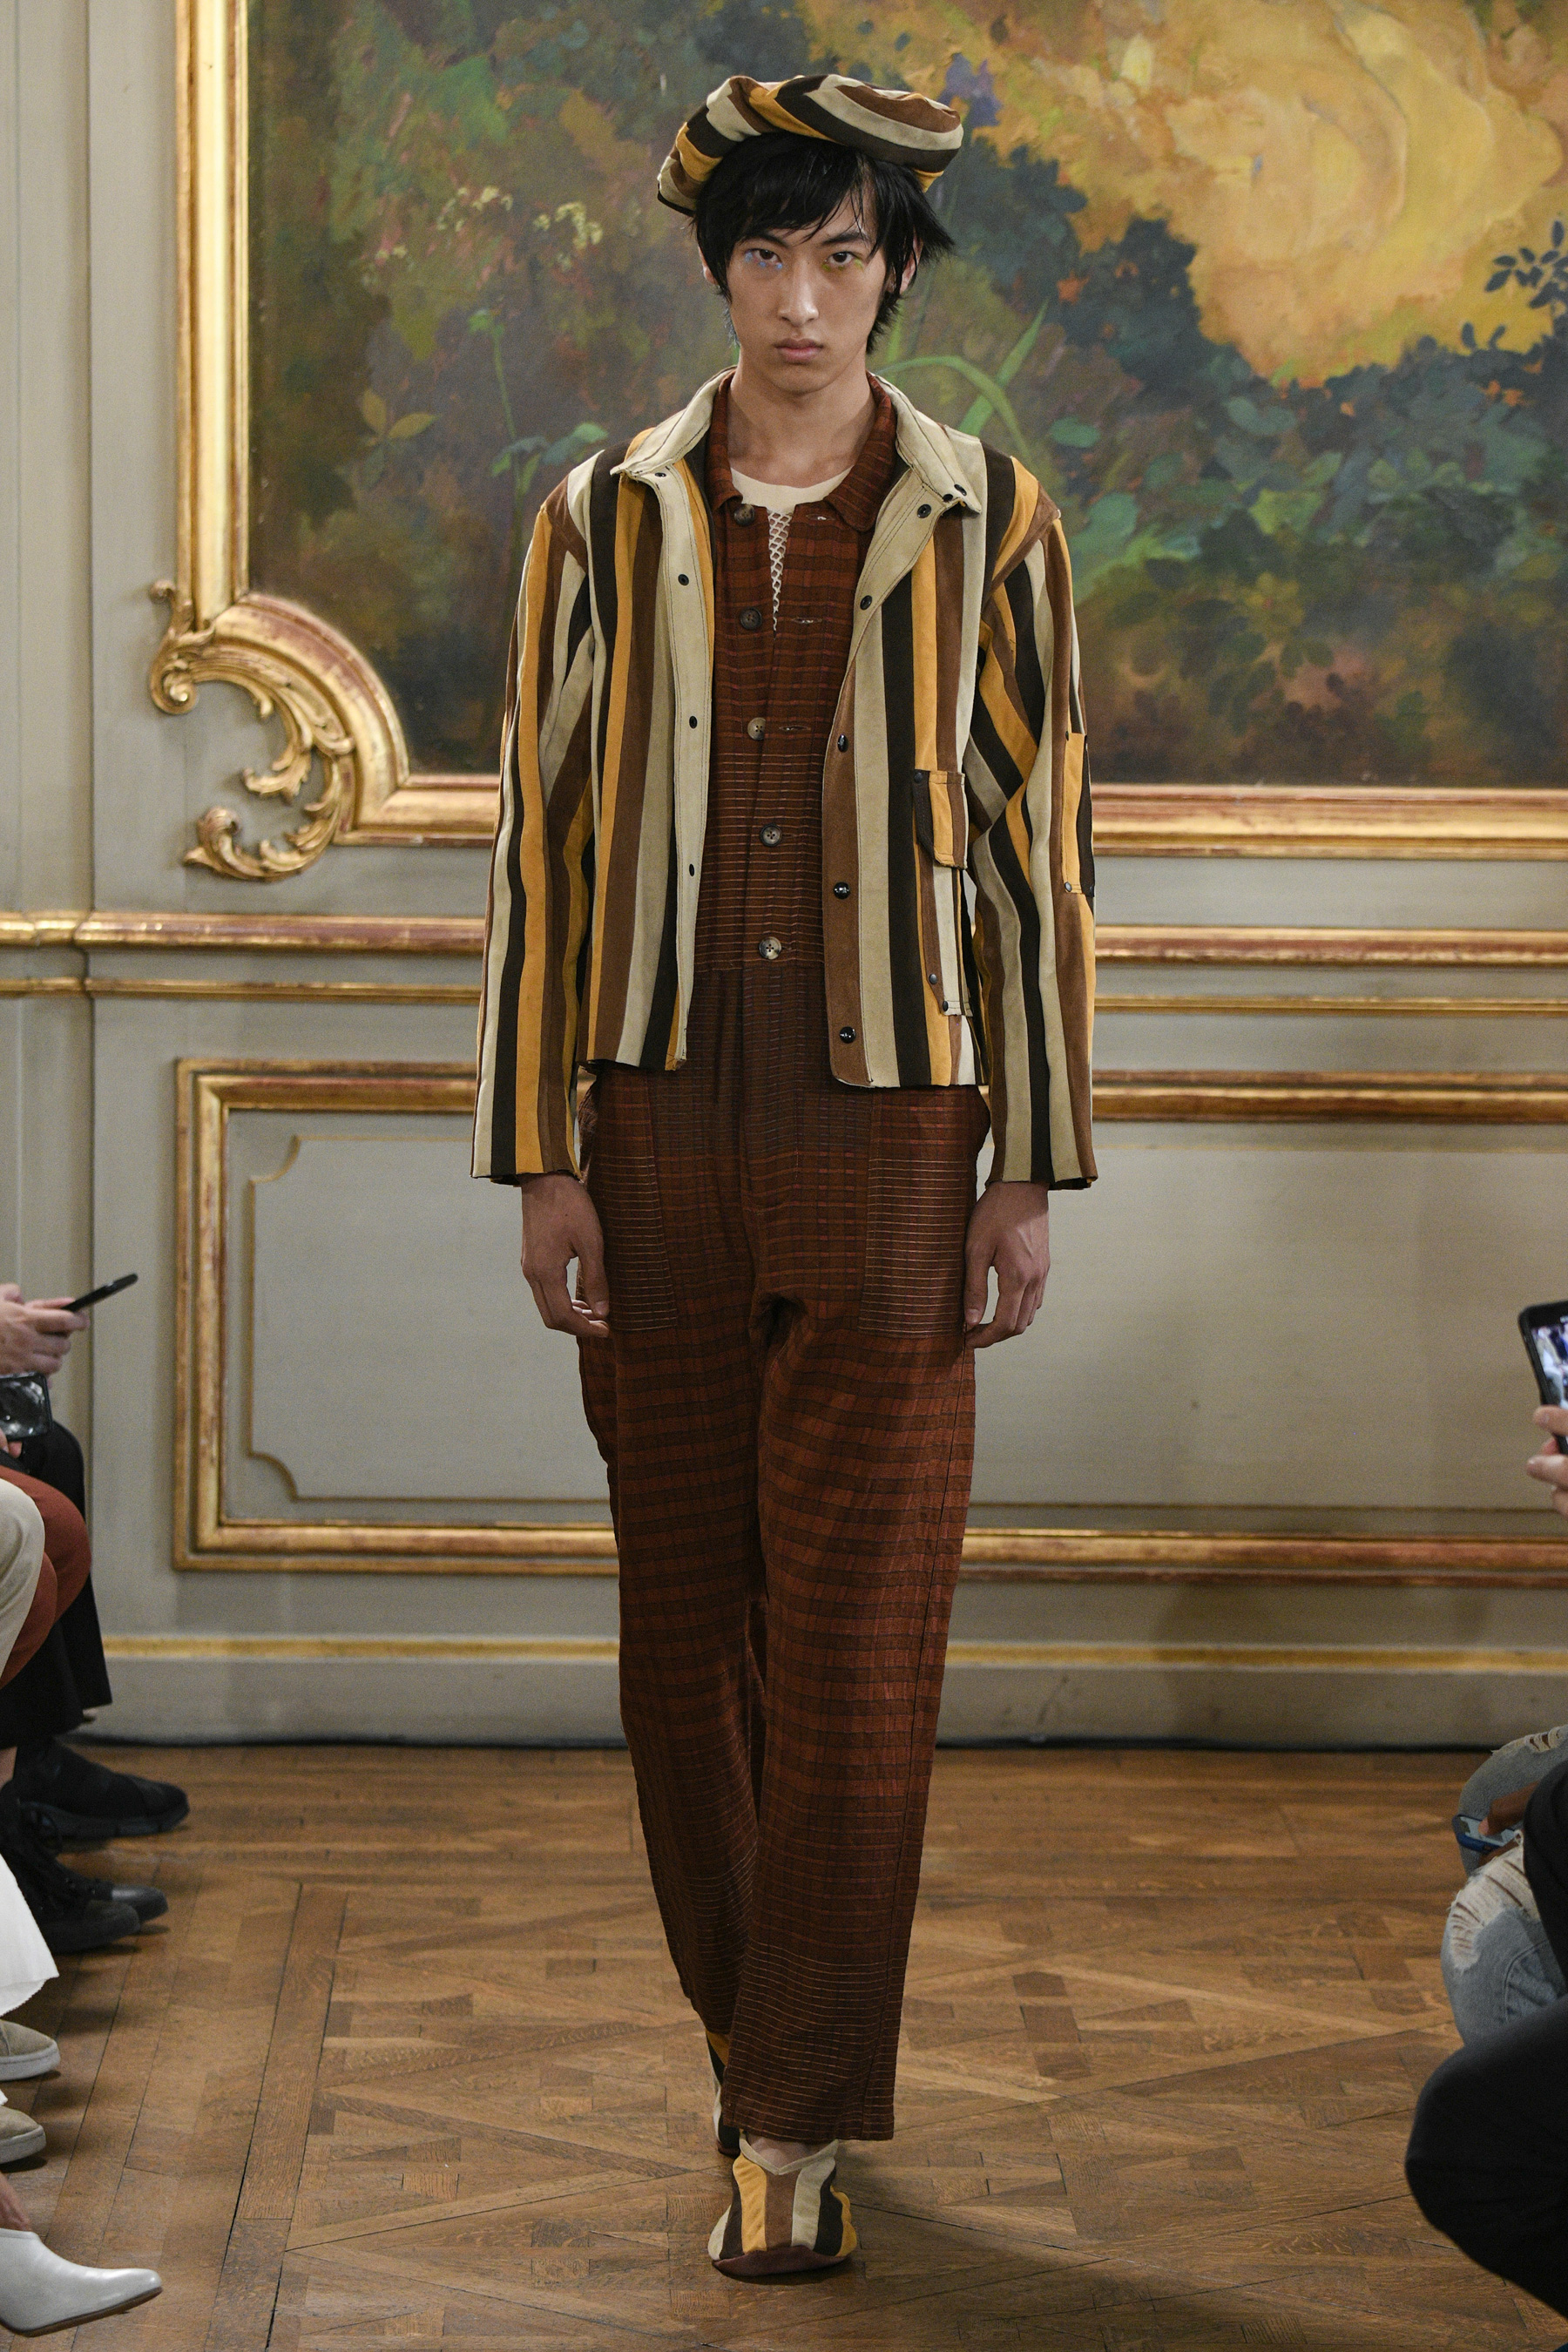 Spring 2020 Menswear Fashion Trend